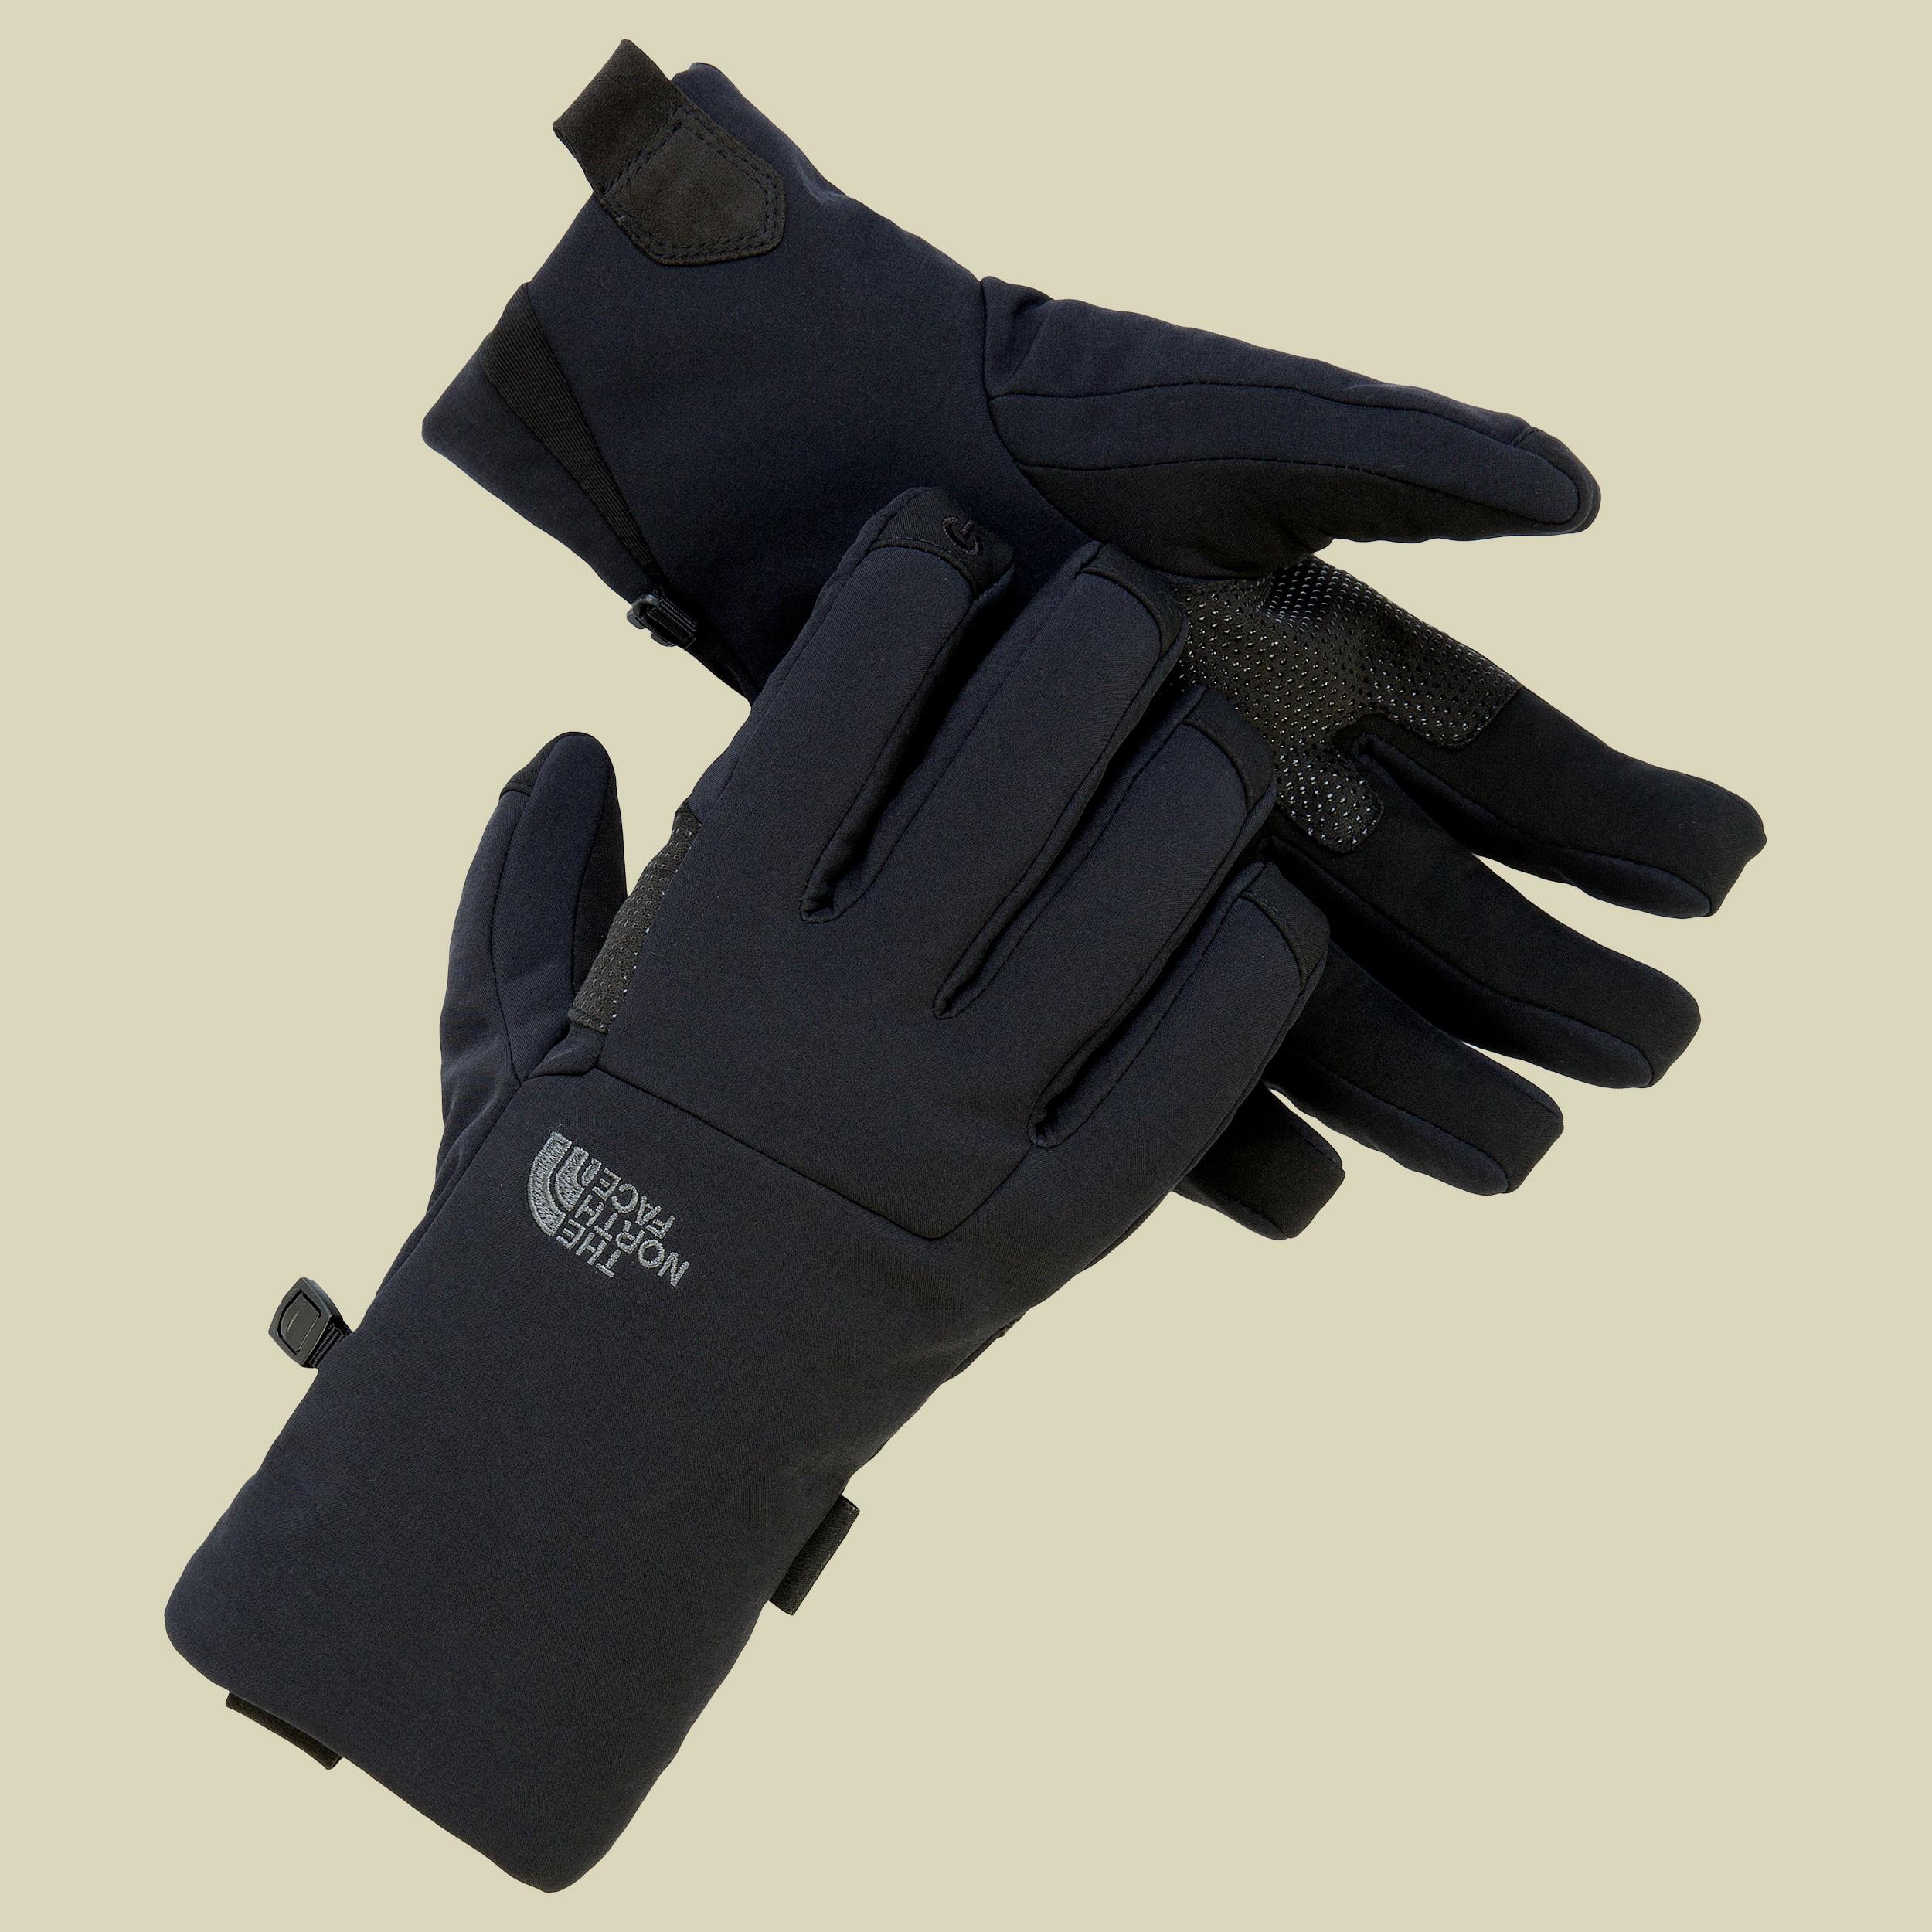 Apex+ Etip Glove Men